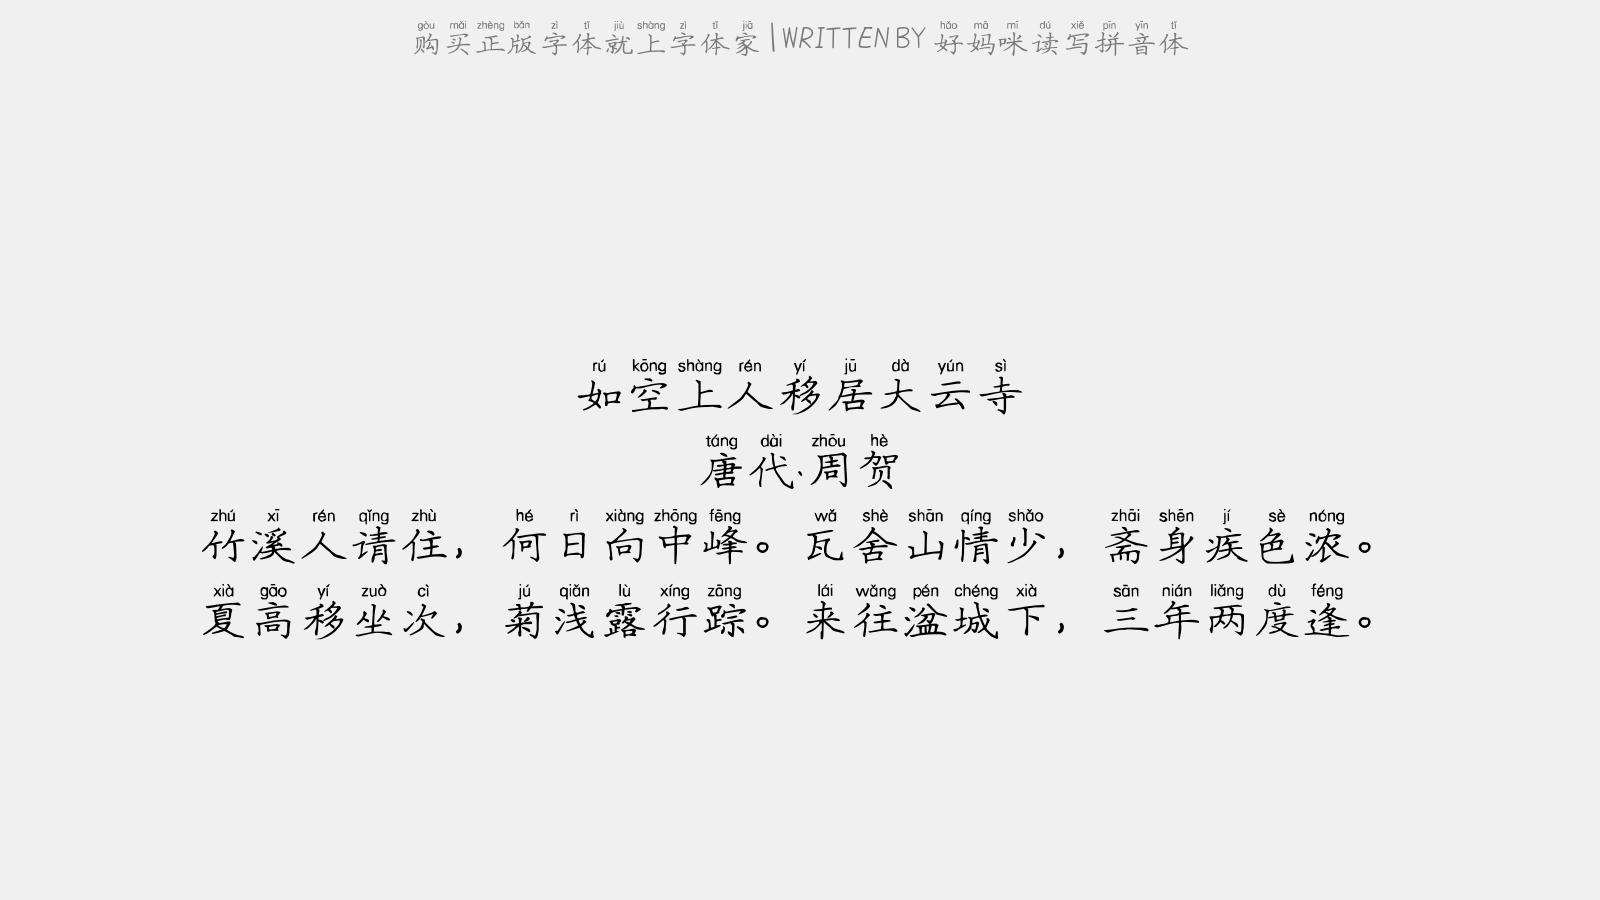 好媽咪讀寫拼音體 - 如空上人移居大云寺